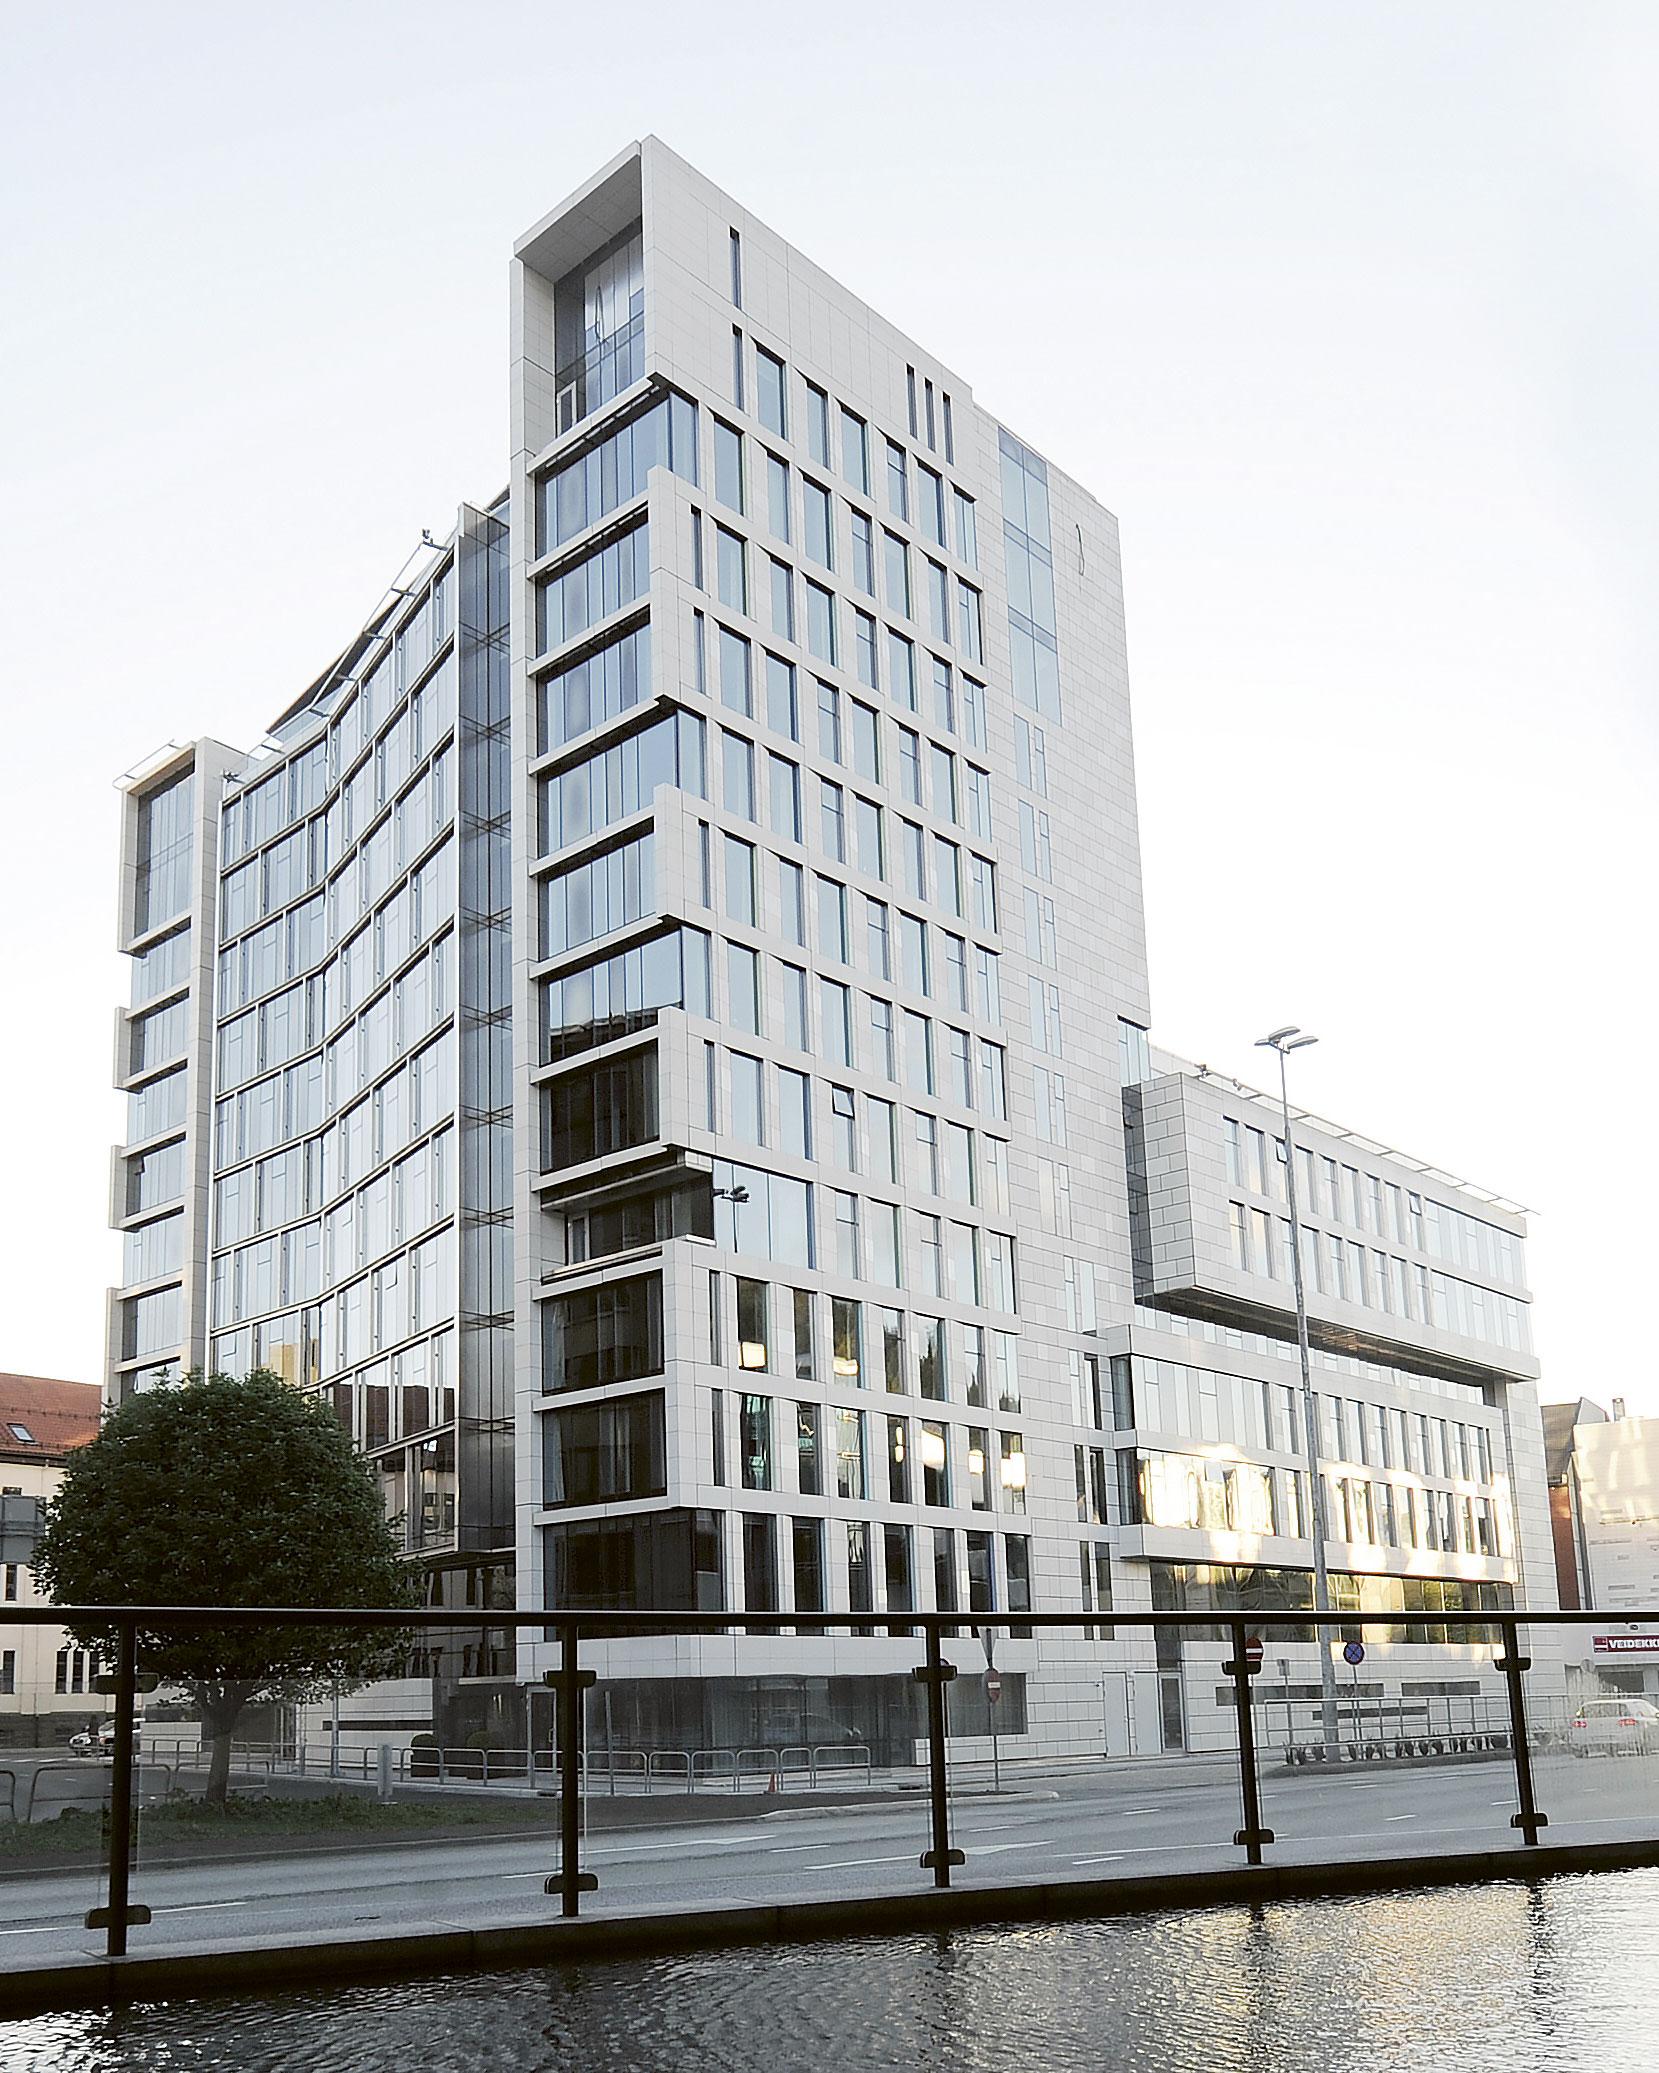 Scandic Ørnen åpnet 2. mai 2014 og er det største hotellet i Bergen. Foto: Helge Skodvin